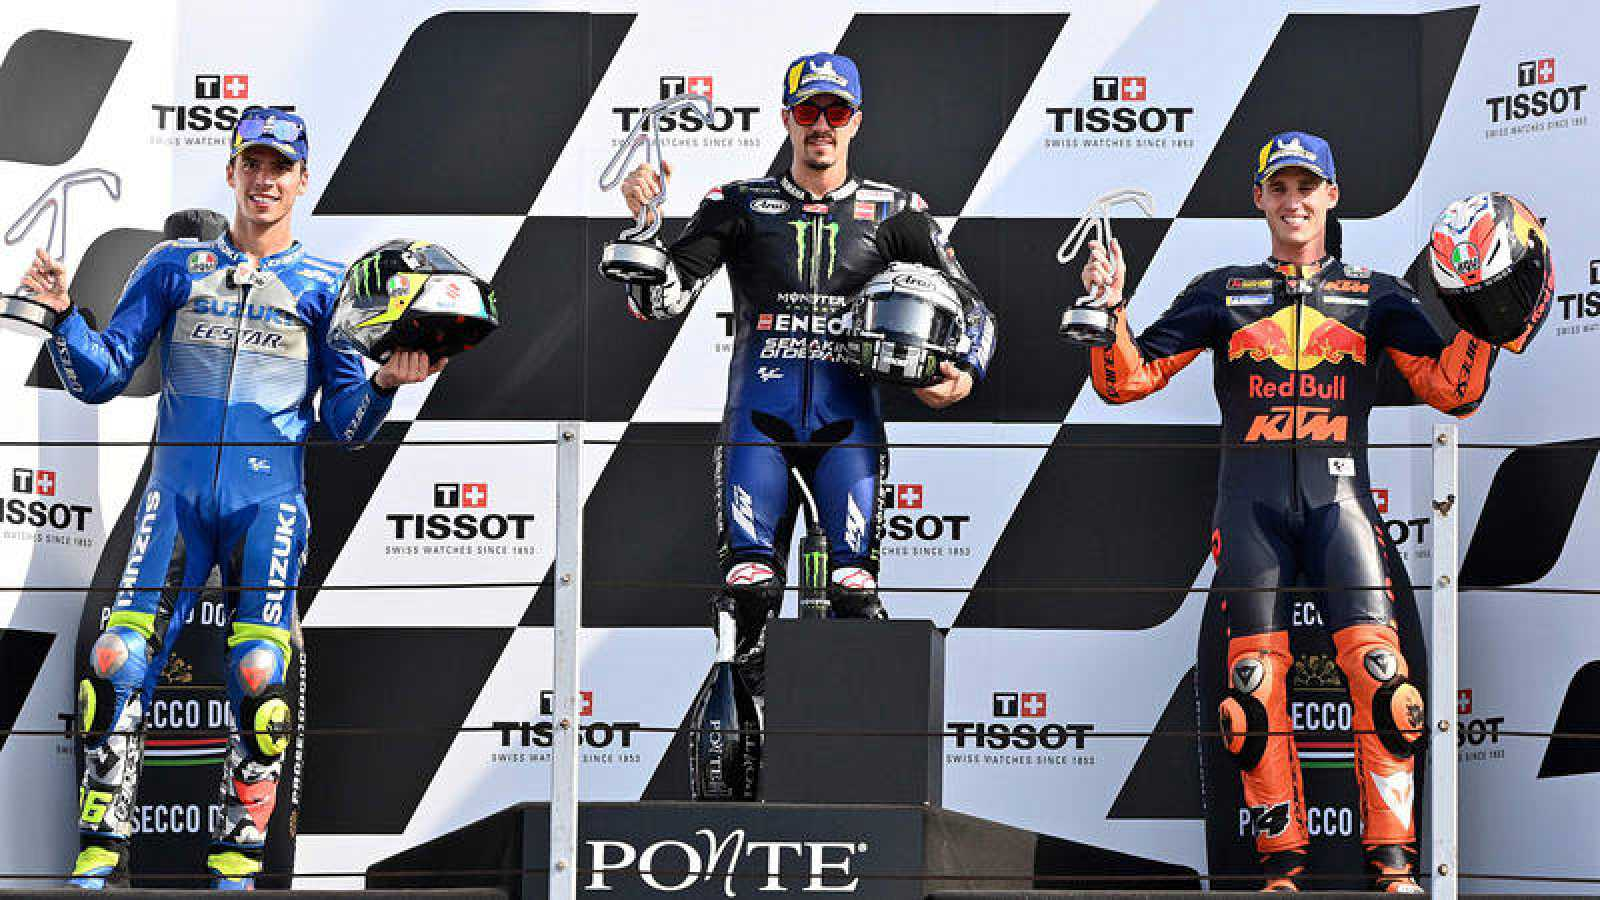 Imagen del podio de Misano tras el triplete español.